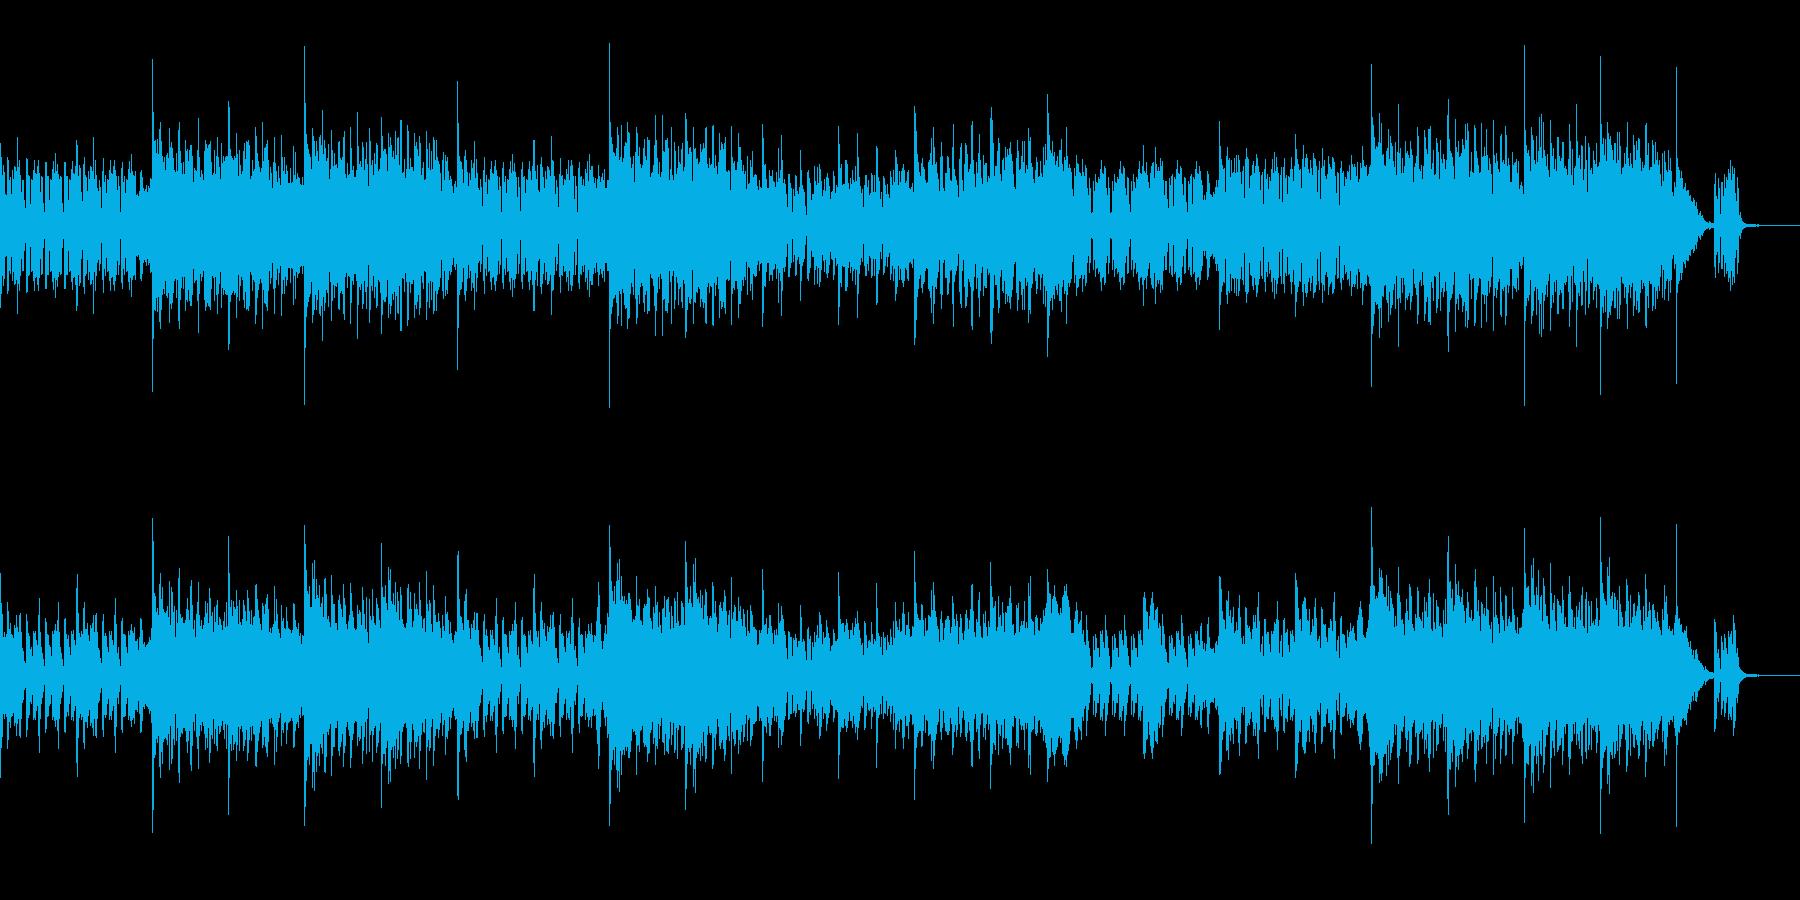 サンプリング・エレクトロ・トラップの再生済みの波形